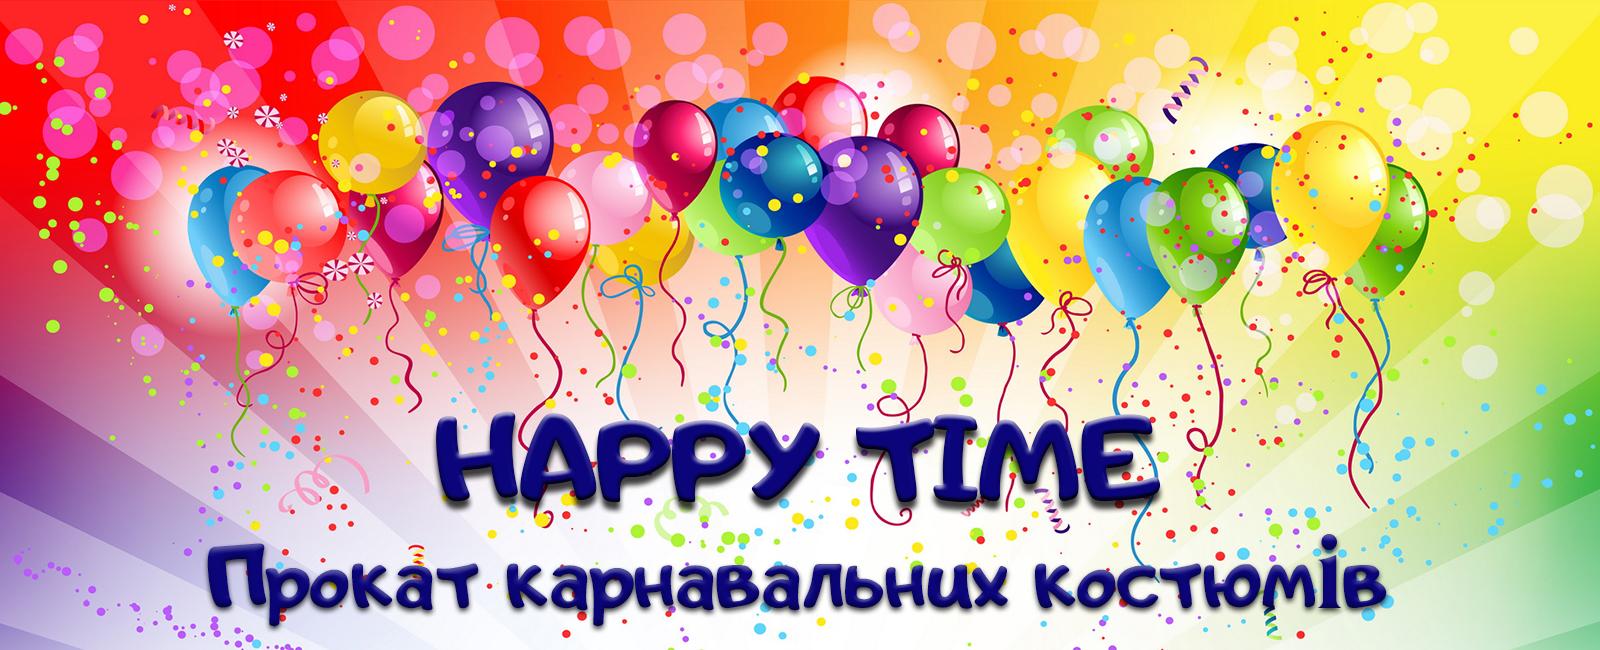 """ПРОКАТ КАРНАВАЛЬНИХ КОСТЮМІВ """"HAPPY TIME"""""""